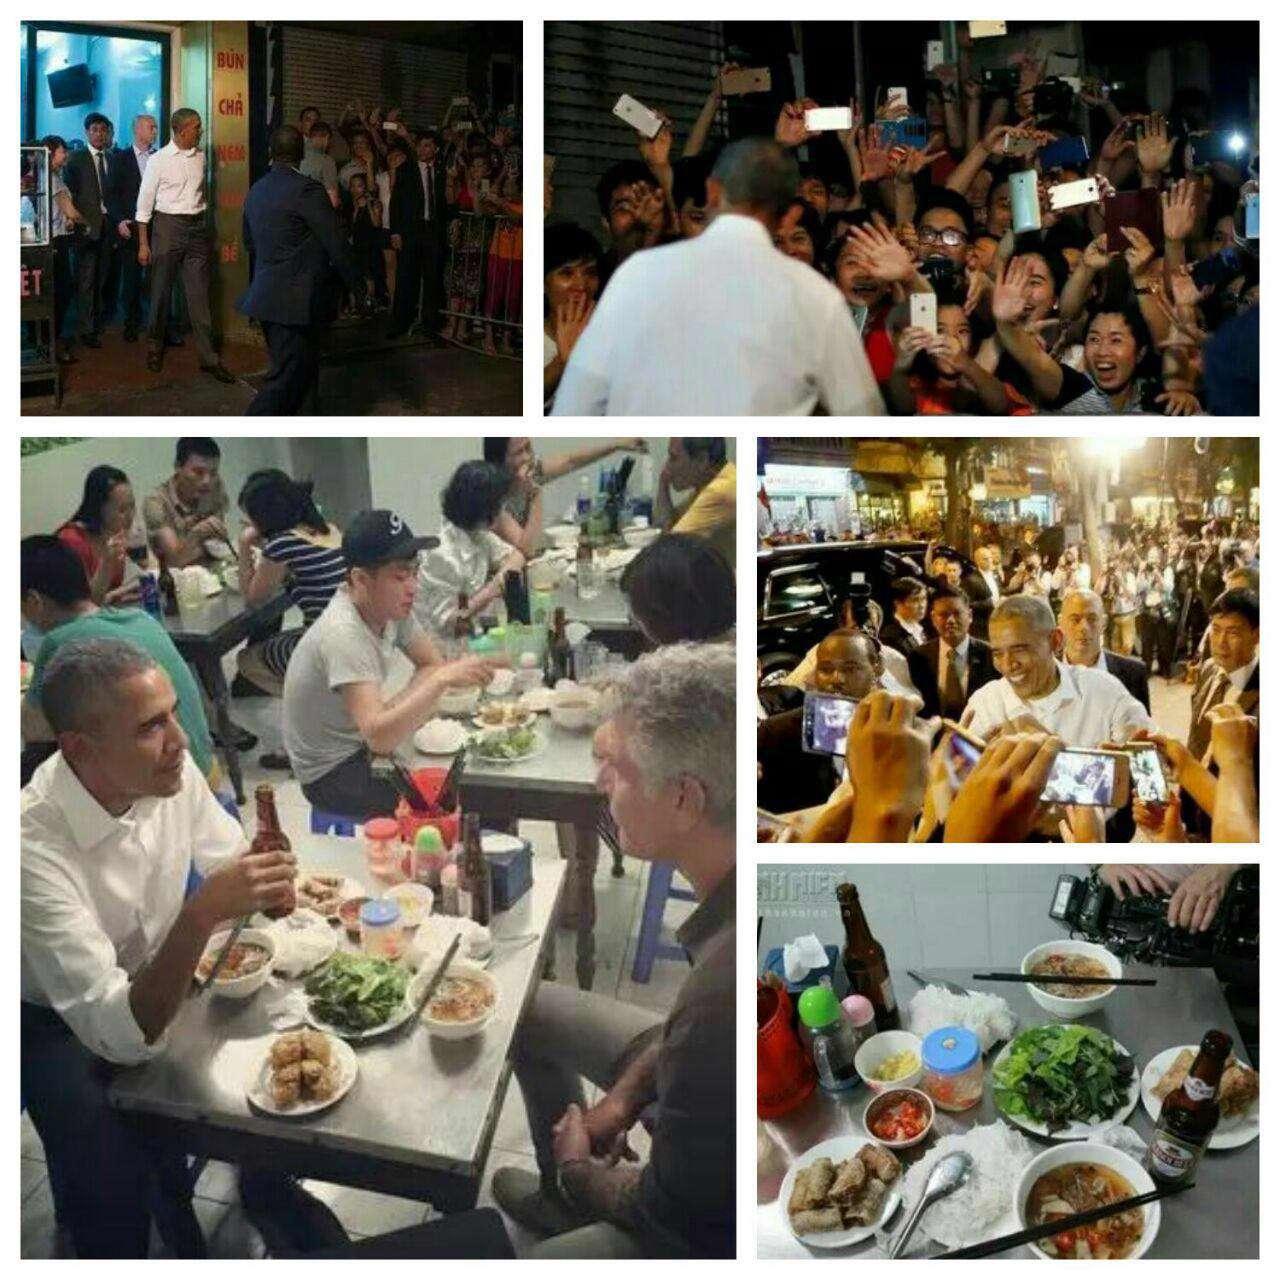 باراک اوباما که سفری تاریخی برای نخستین بار پس از جنگ ویتنام در سال 1965 به این کشور سفر کرده است، شب گذشته شام را در رستورانی محلی در هانوی پایتخت این کشور صرف کرد.